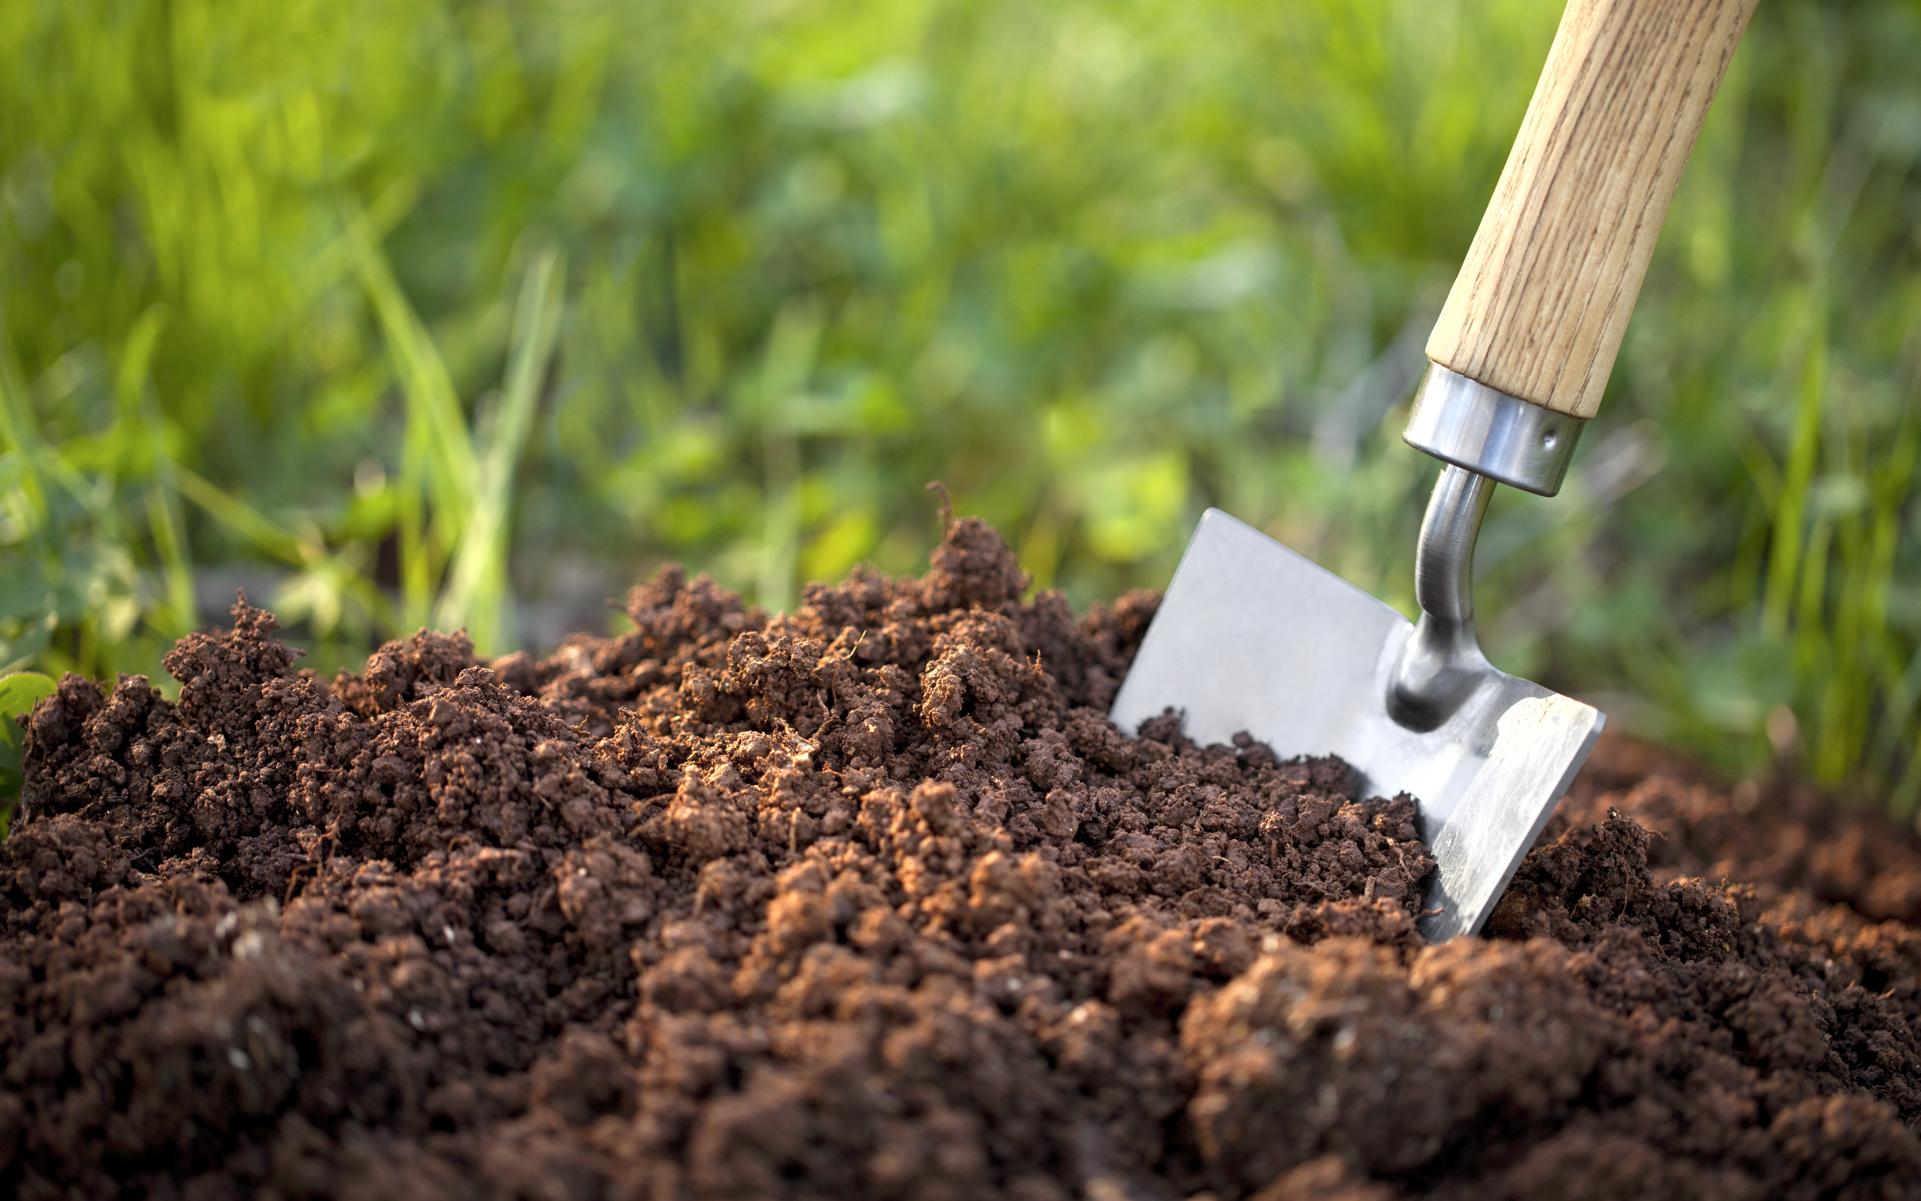 Способы внесения органических удобрений. 7. Составление плана распределения  органических удобрений по севооборотам. Определение доз и места внесения  органических удобрений.